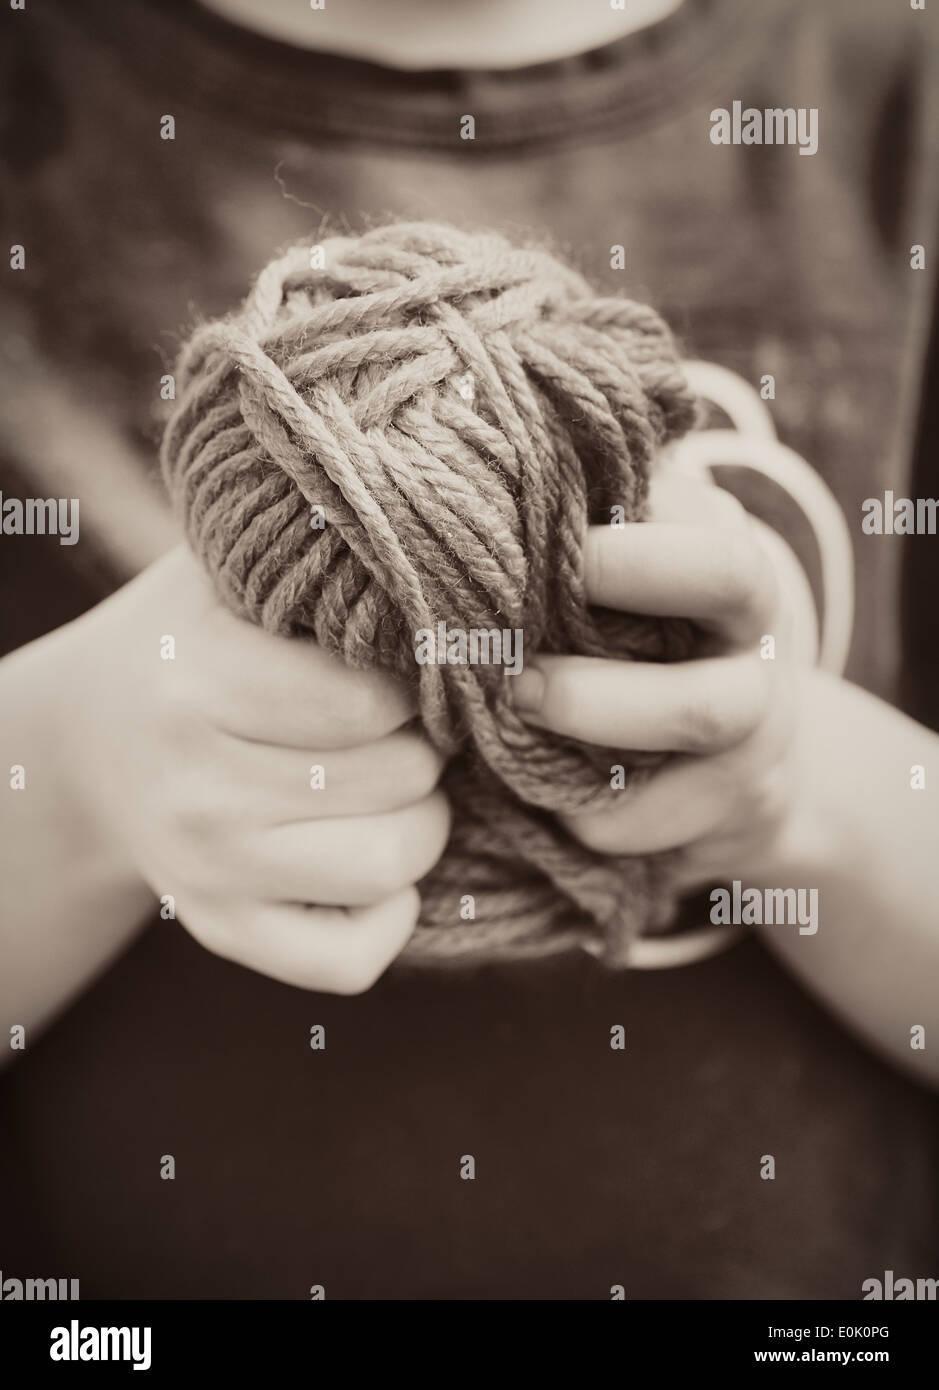 Cerca de niña la celebración de una bola de hilo en sus manos Imagen De Stock